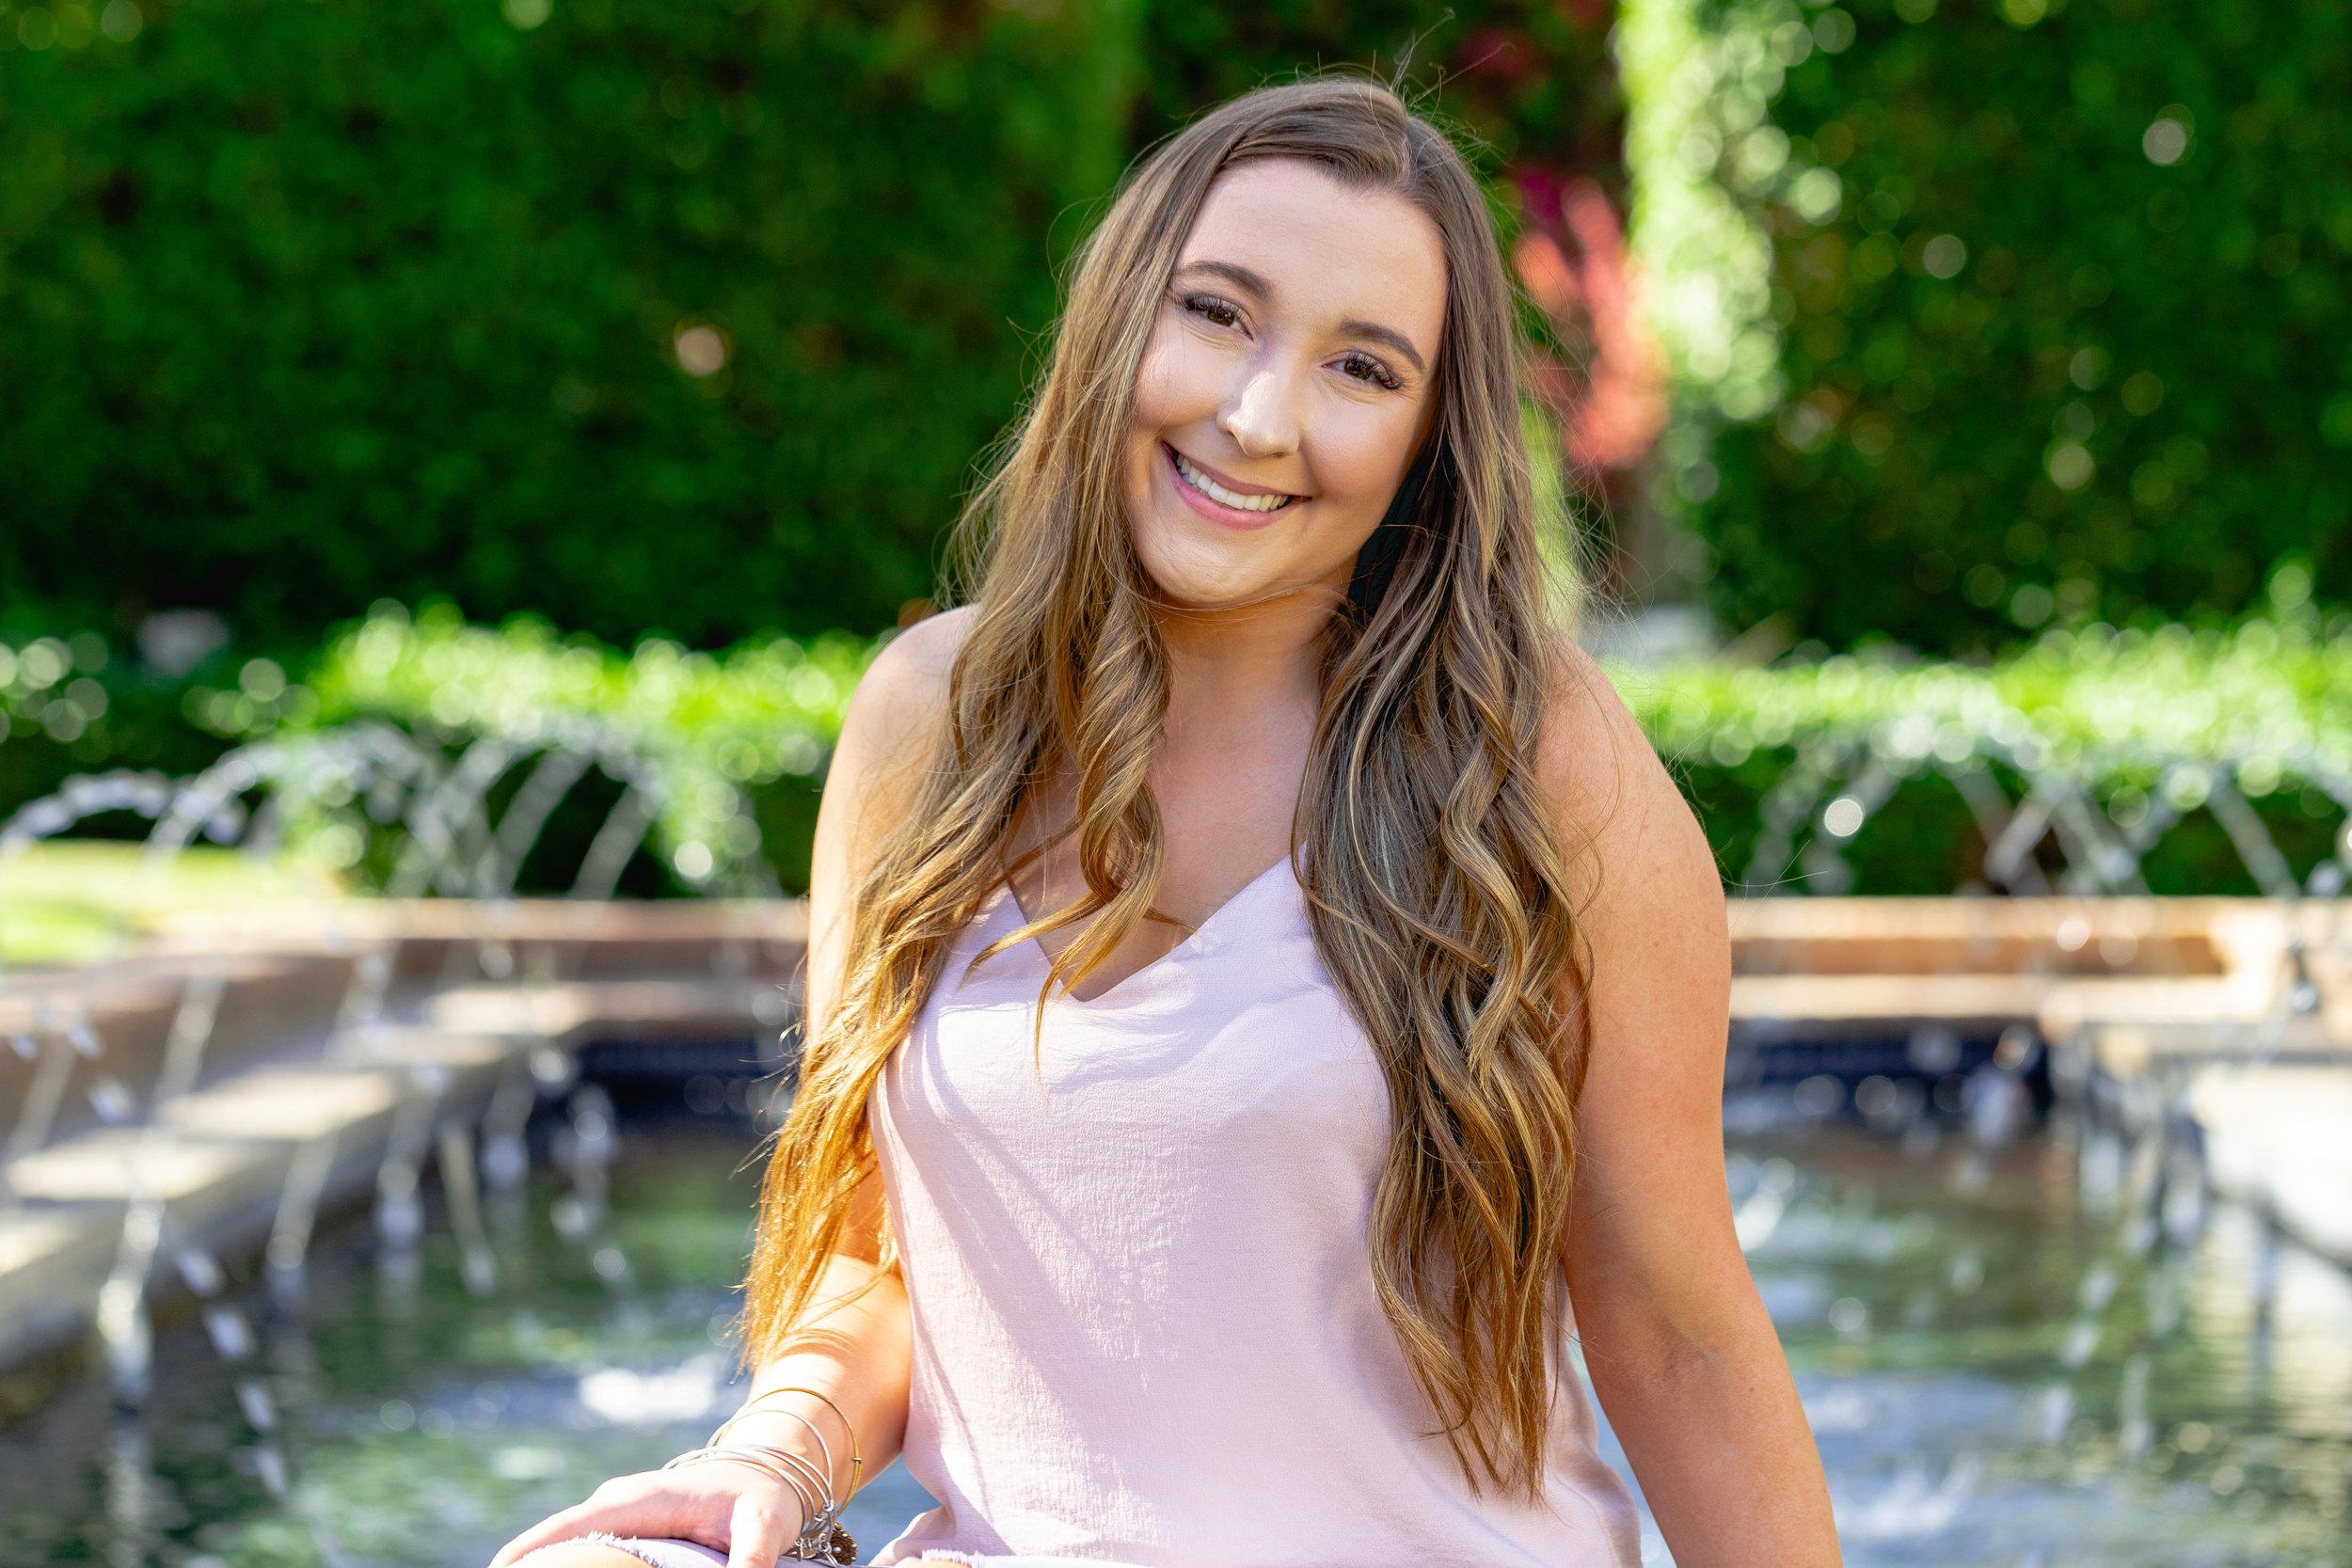 Natalie-2019-Grad-13.jpg